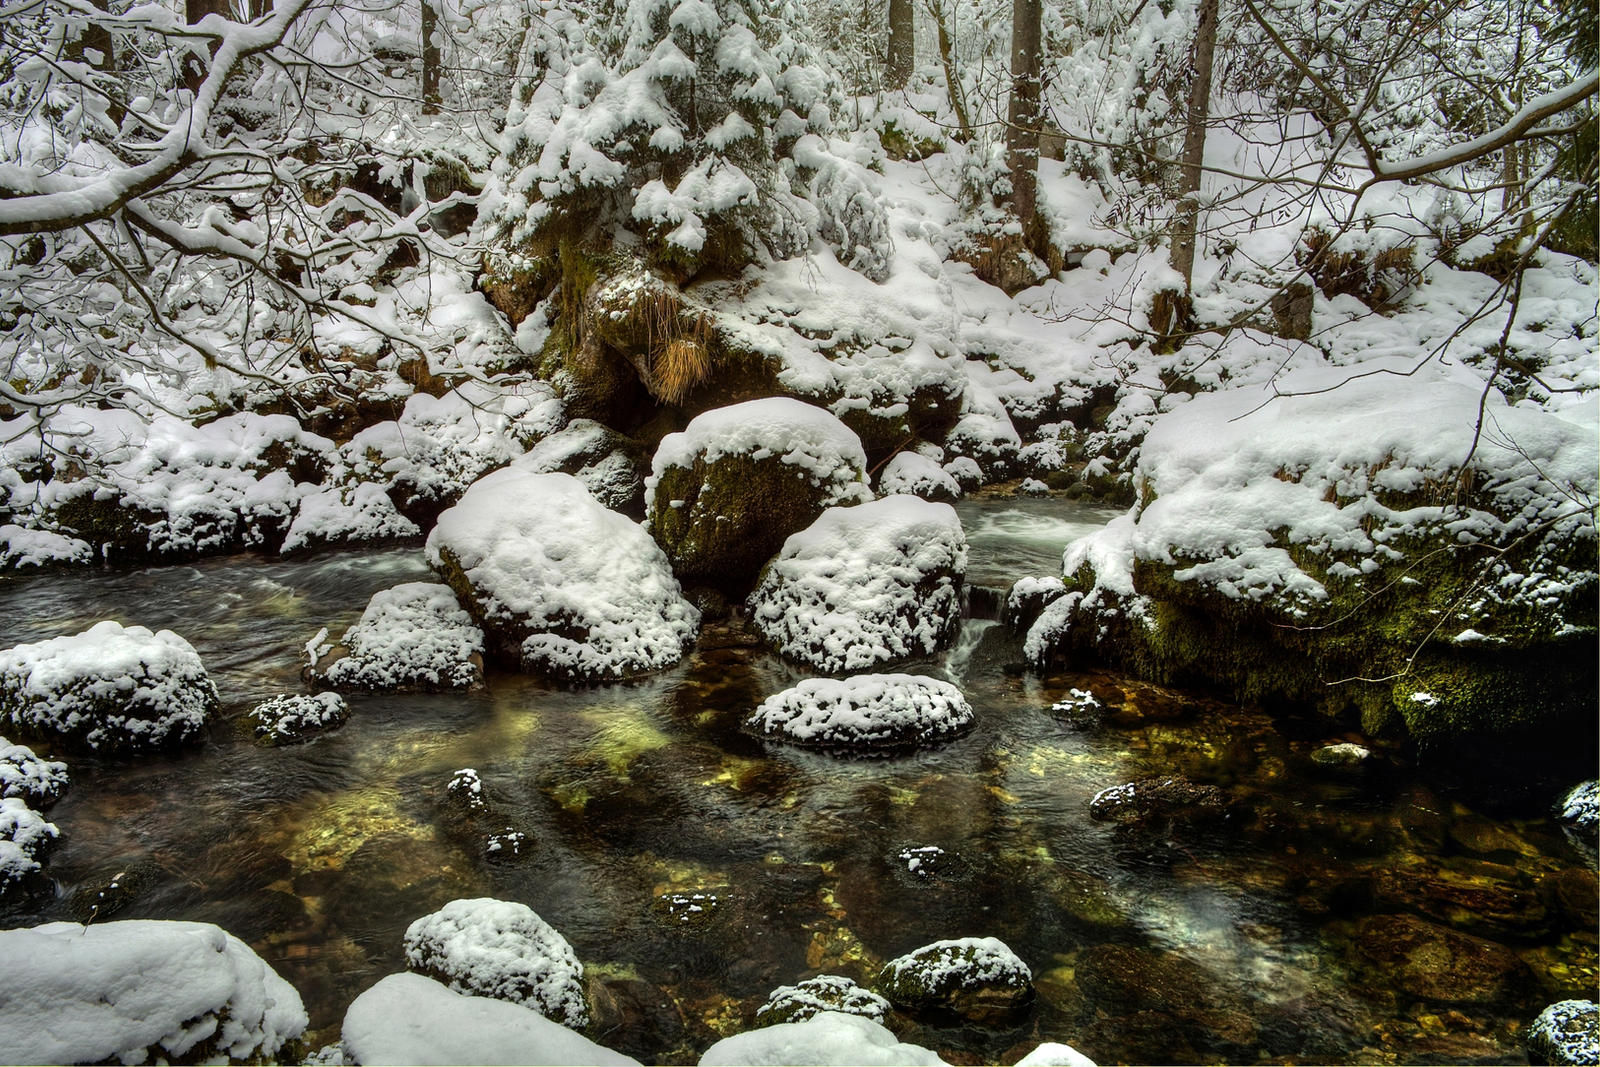 Whispering Waters by Burtn